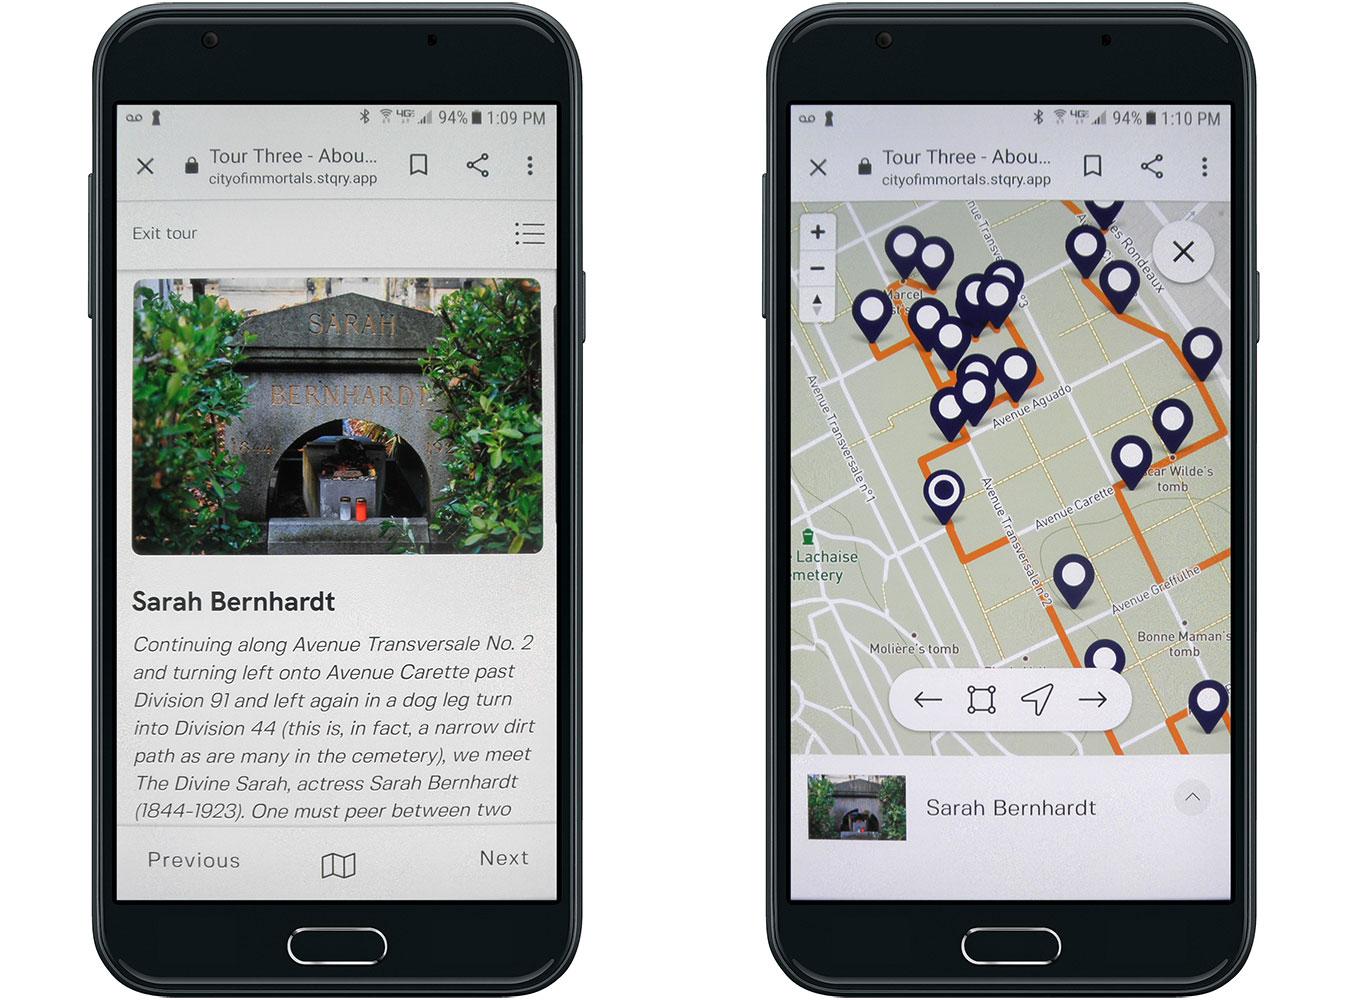 Sarah Bernhardt Tomb and Tour Map